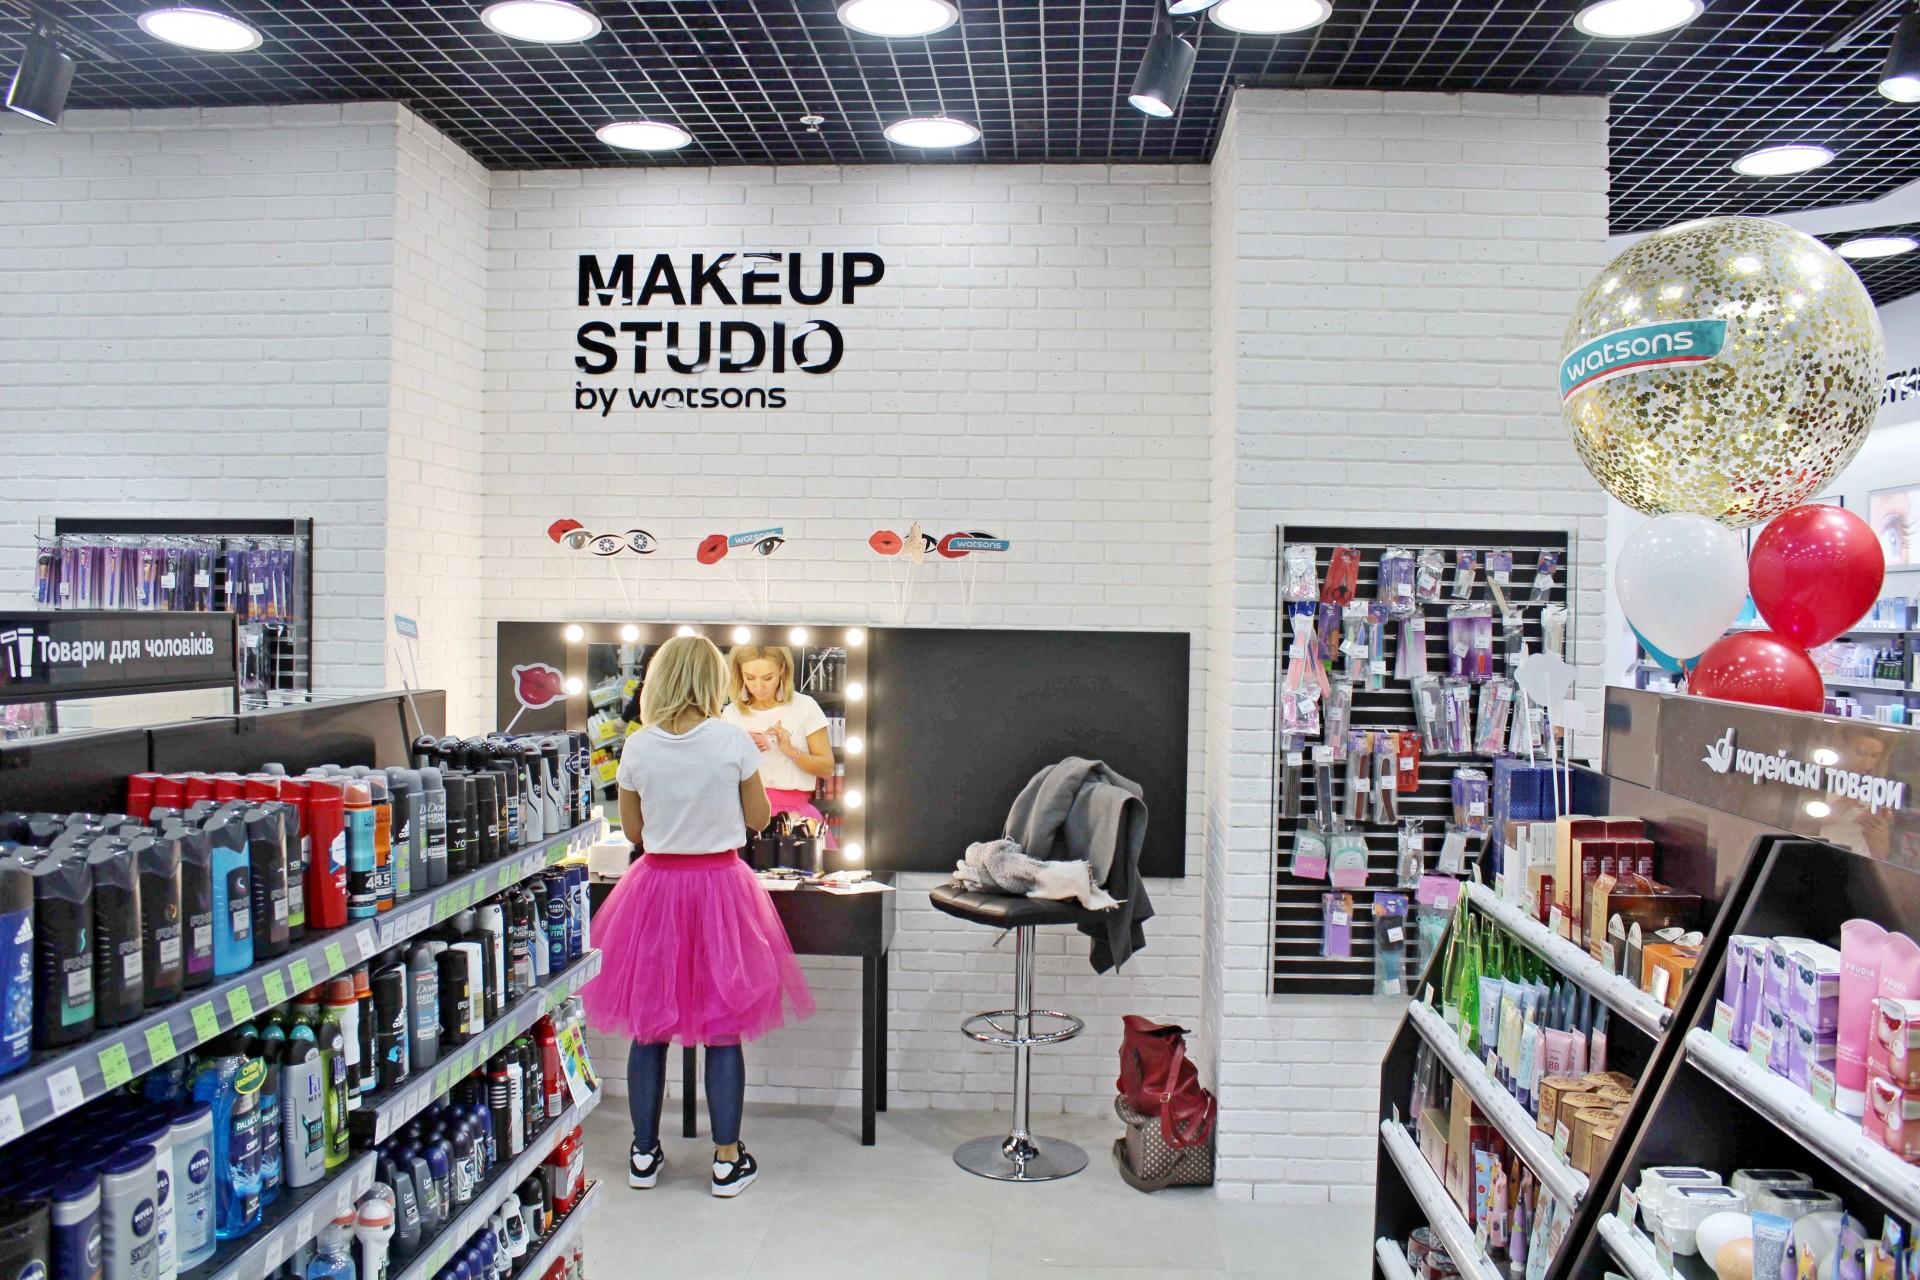 Пример микса нескольких форматов: make-up студия в магазине beauty-формата Watsons, Киев